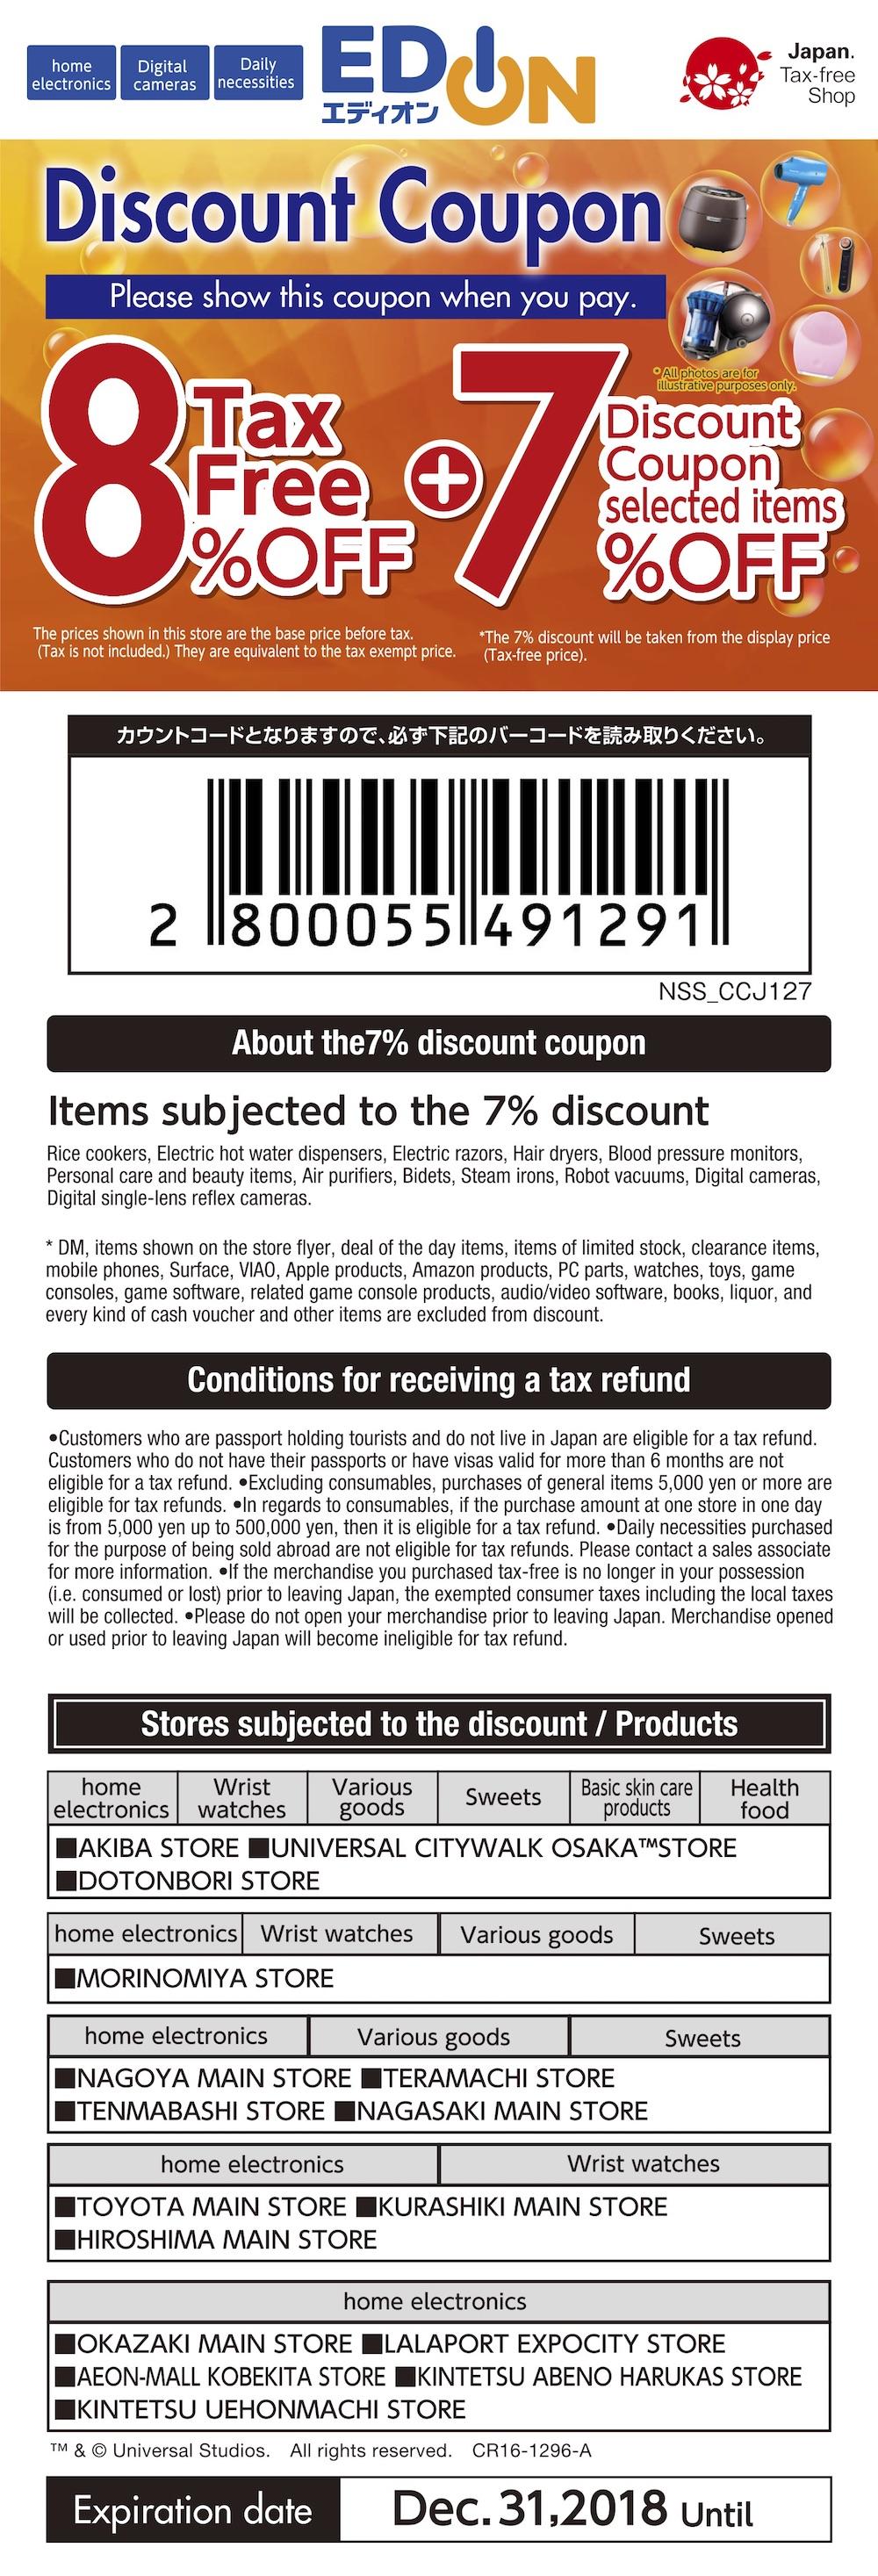 ลดราคาสินค้าที่เราซื้อ 7% และ TAX REFUND  8%